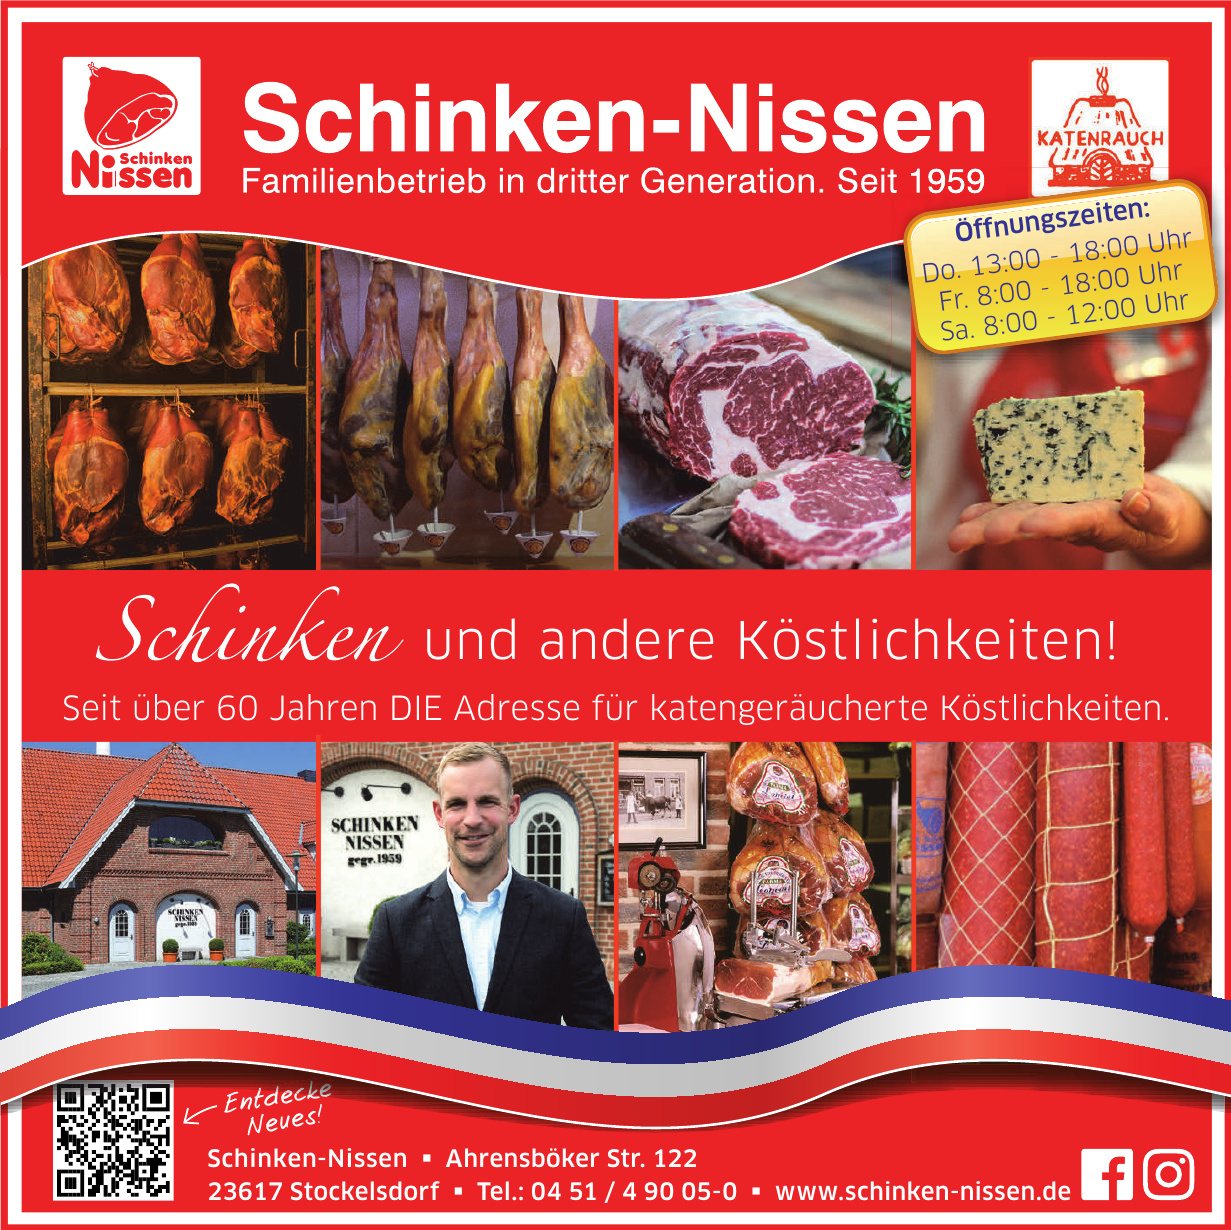 Schinken-Nissen